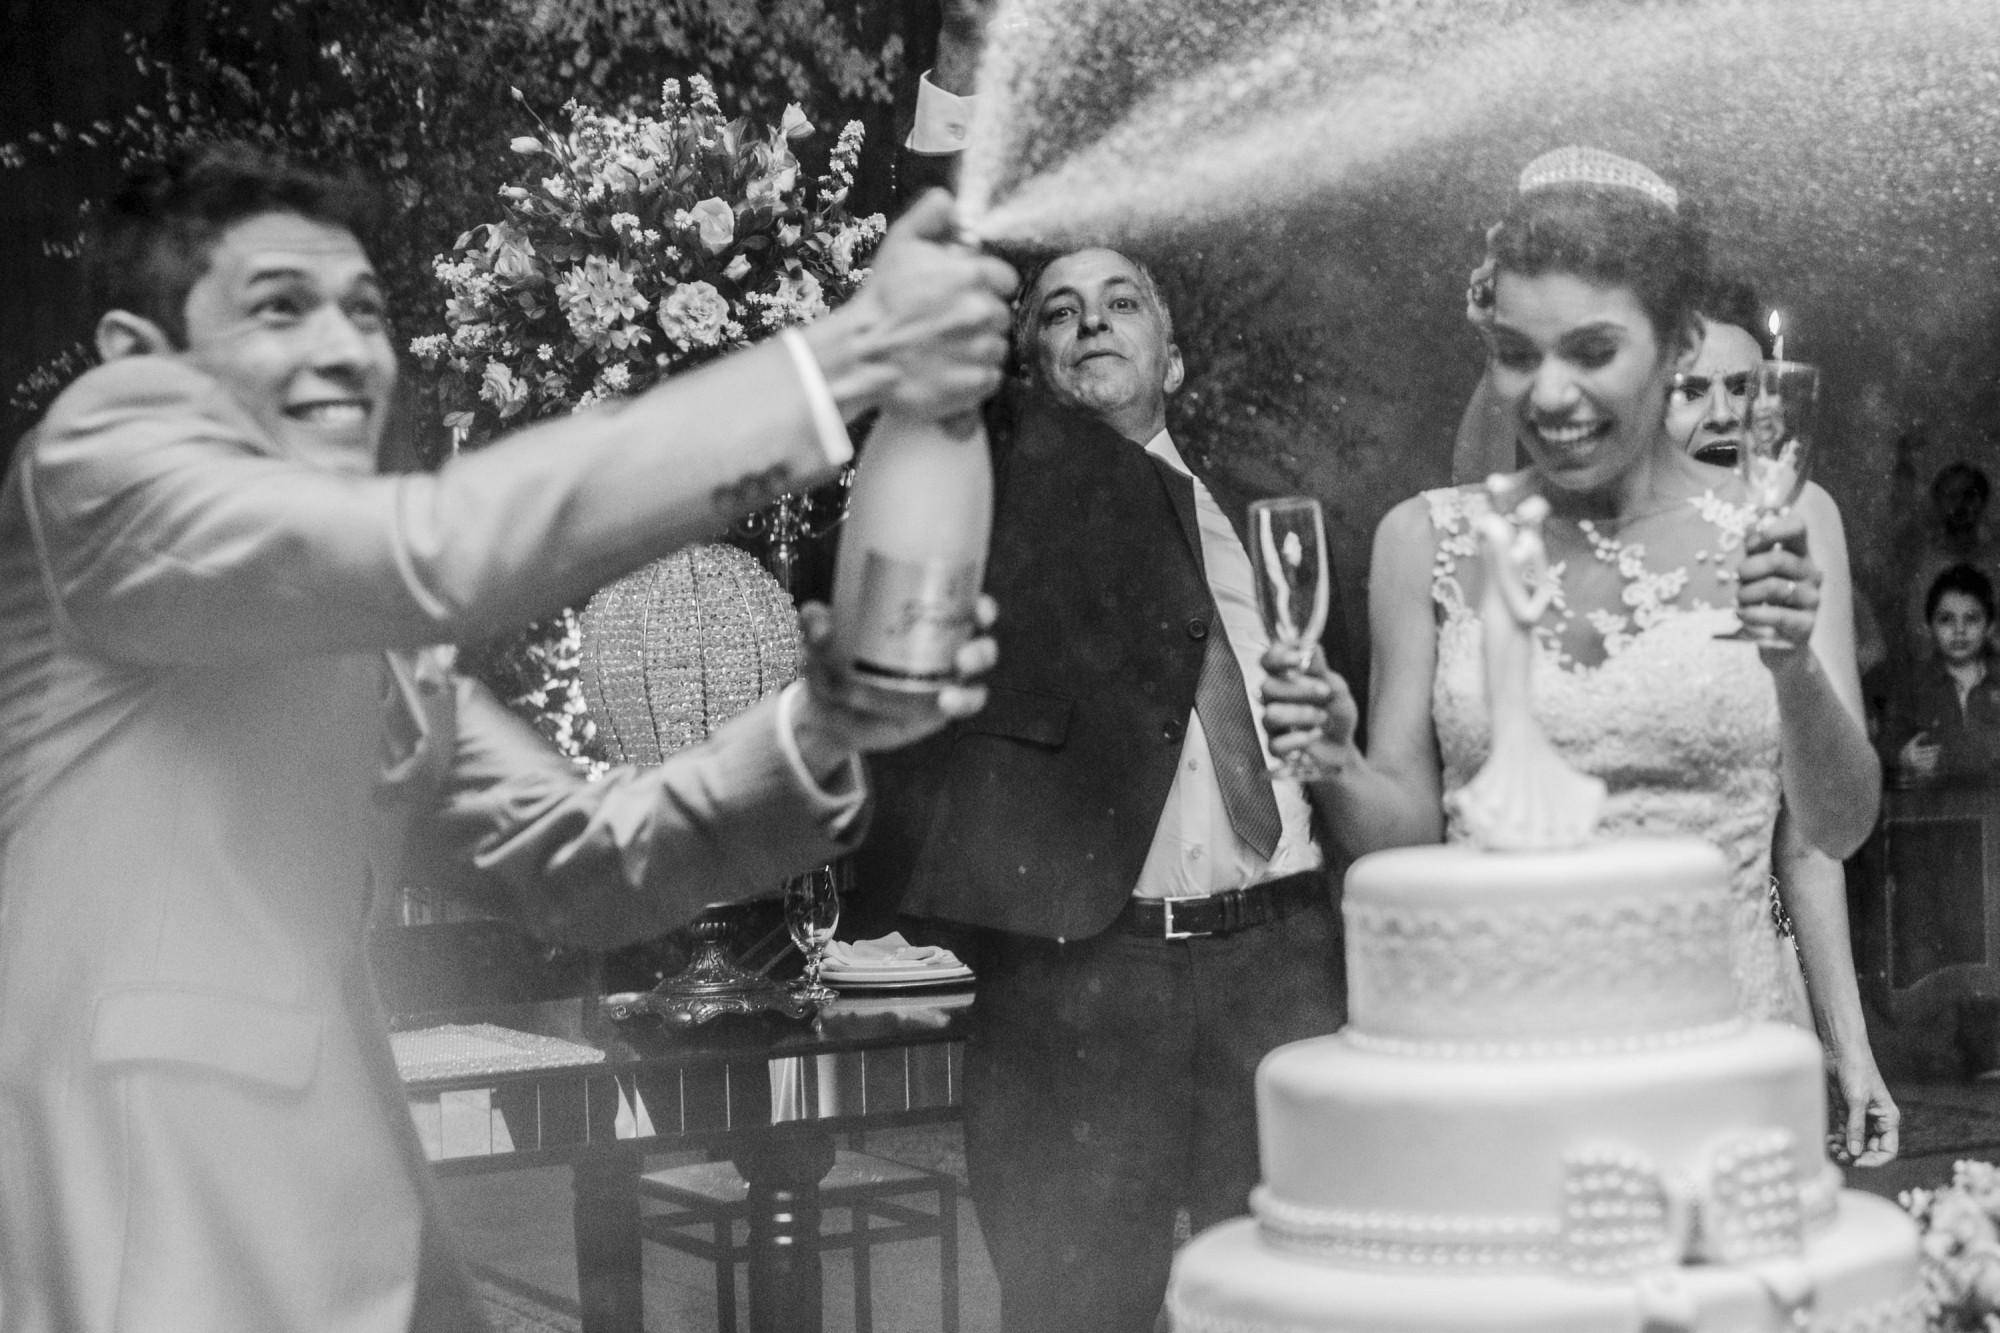 Casamento Camila Rampim e Rafael em Terra Roxa - Paraná - por Lorran Souza e Léia Sotile - fotografos de casamentos - 51